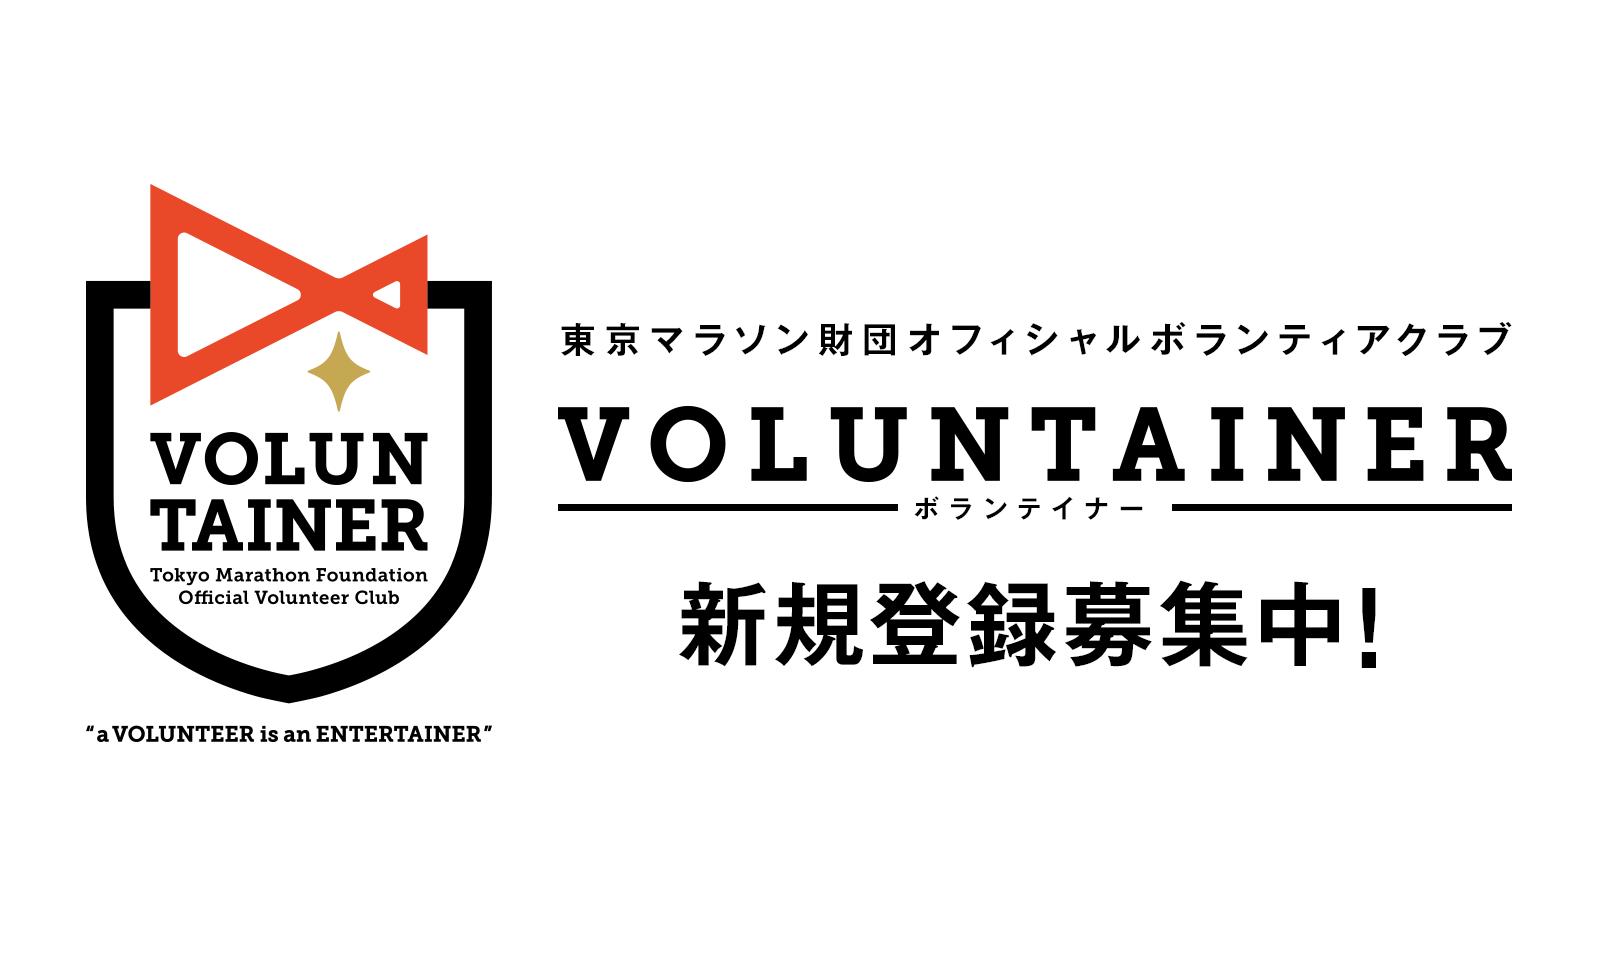 東京マラソン財団 オフィシャルボランティアファンクラブ -VOLUNTAINER- 新規登録募集中!